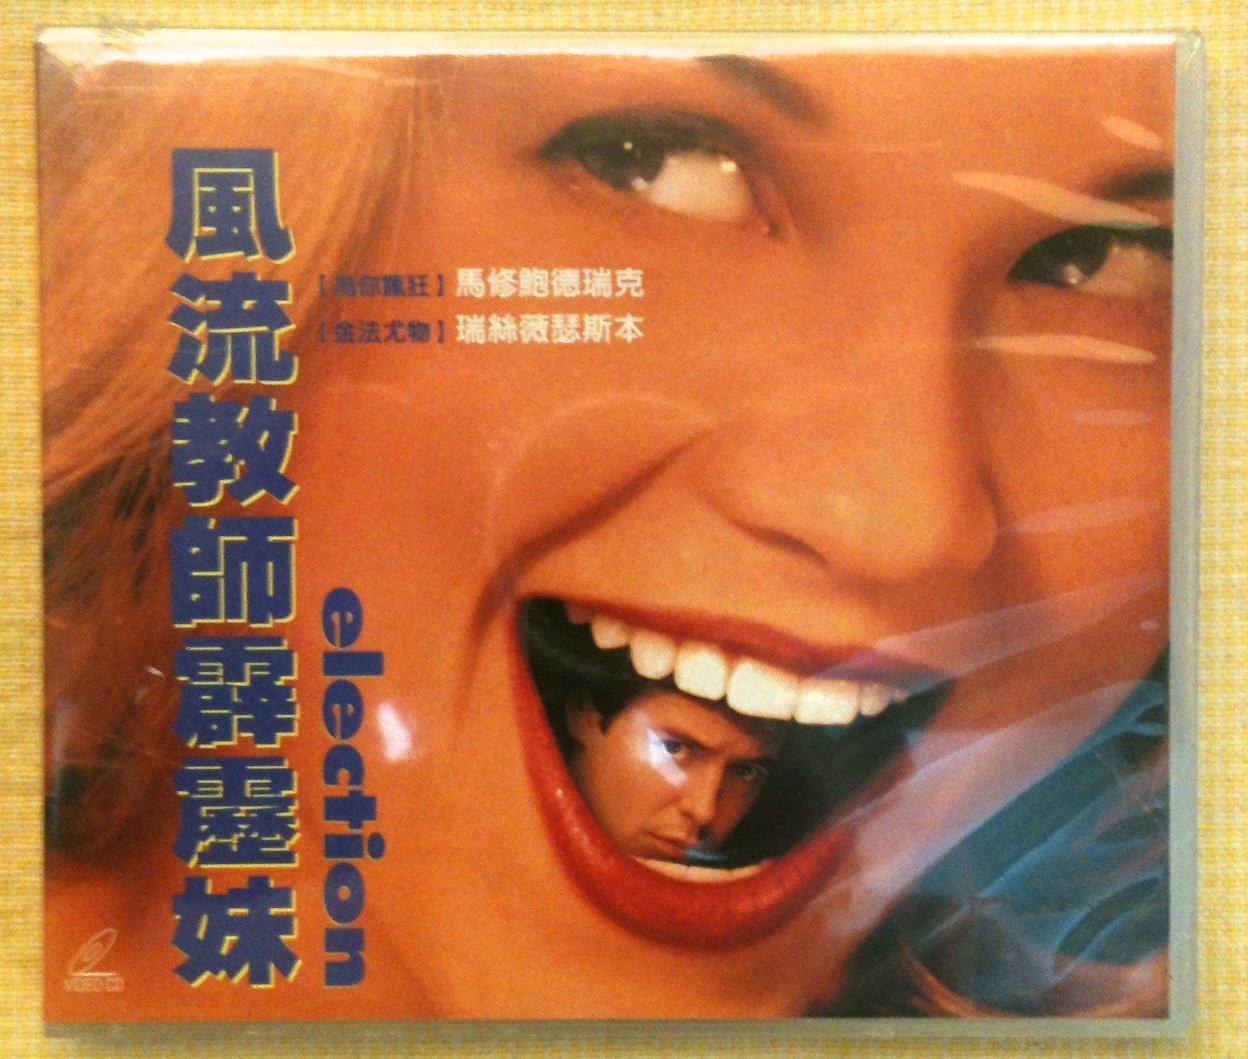 電影狂客 絕版 VCD風流教師霹靂妹(愛情齡距離 金髮尤物 出竅情人 瑞絲薇斯朋 酷斯拉 蹺課天才 鷹女 馬修柏德利)